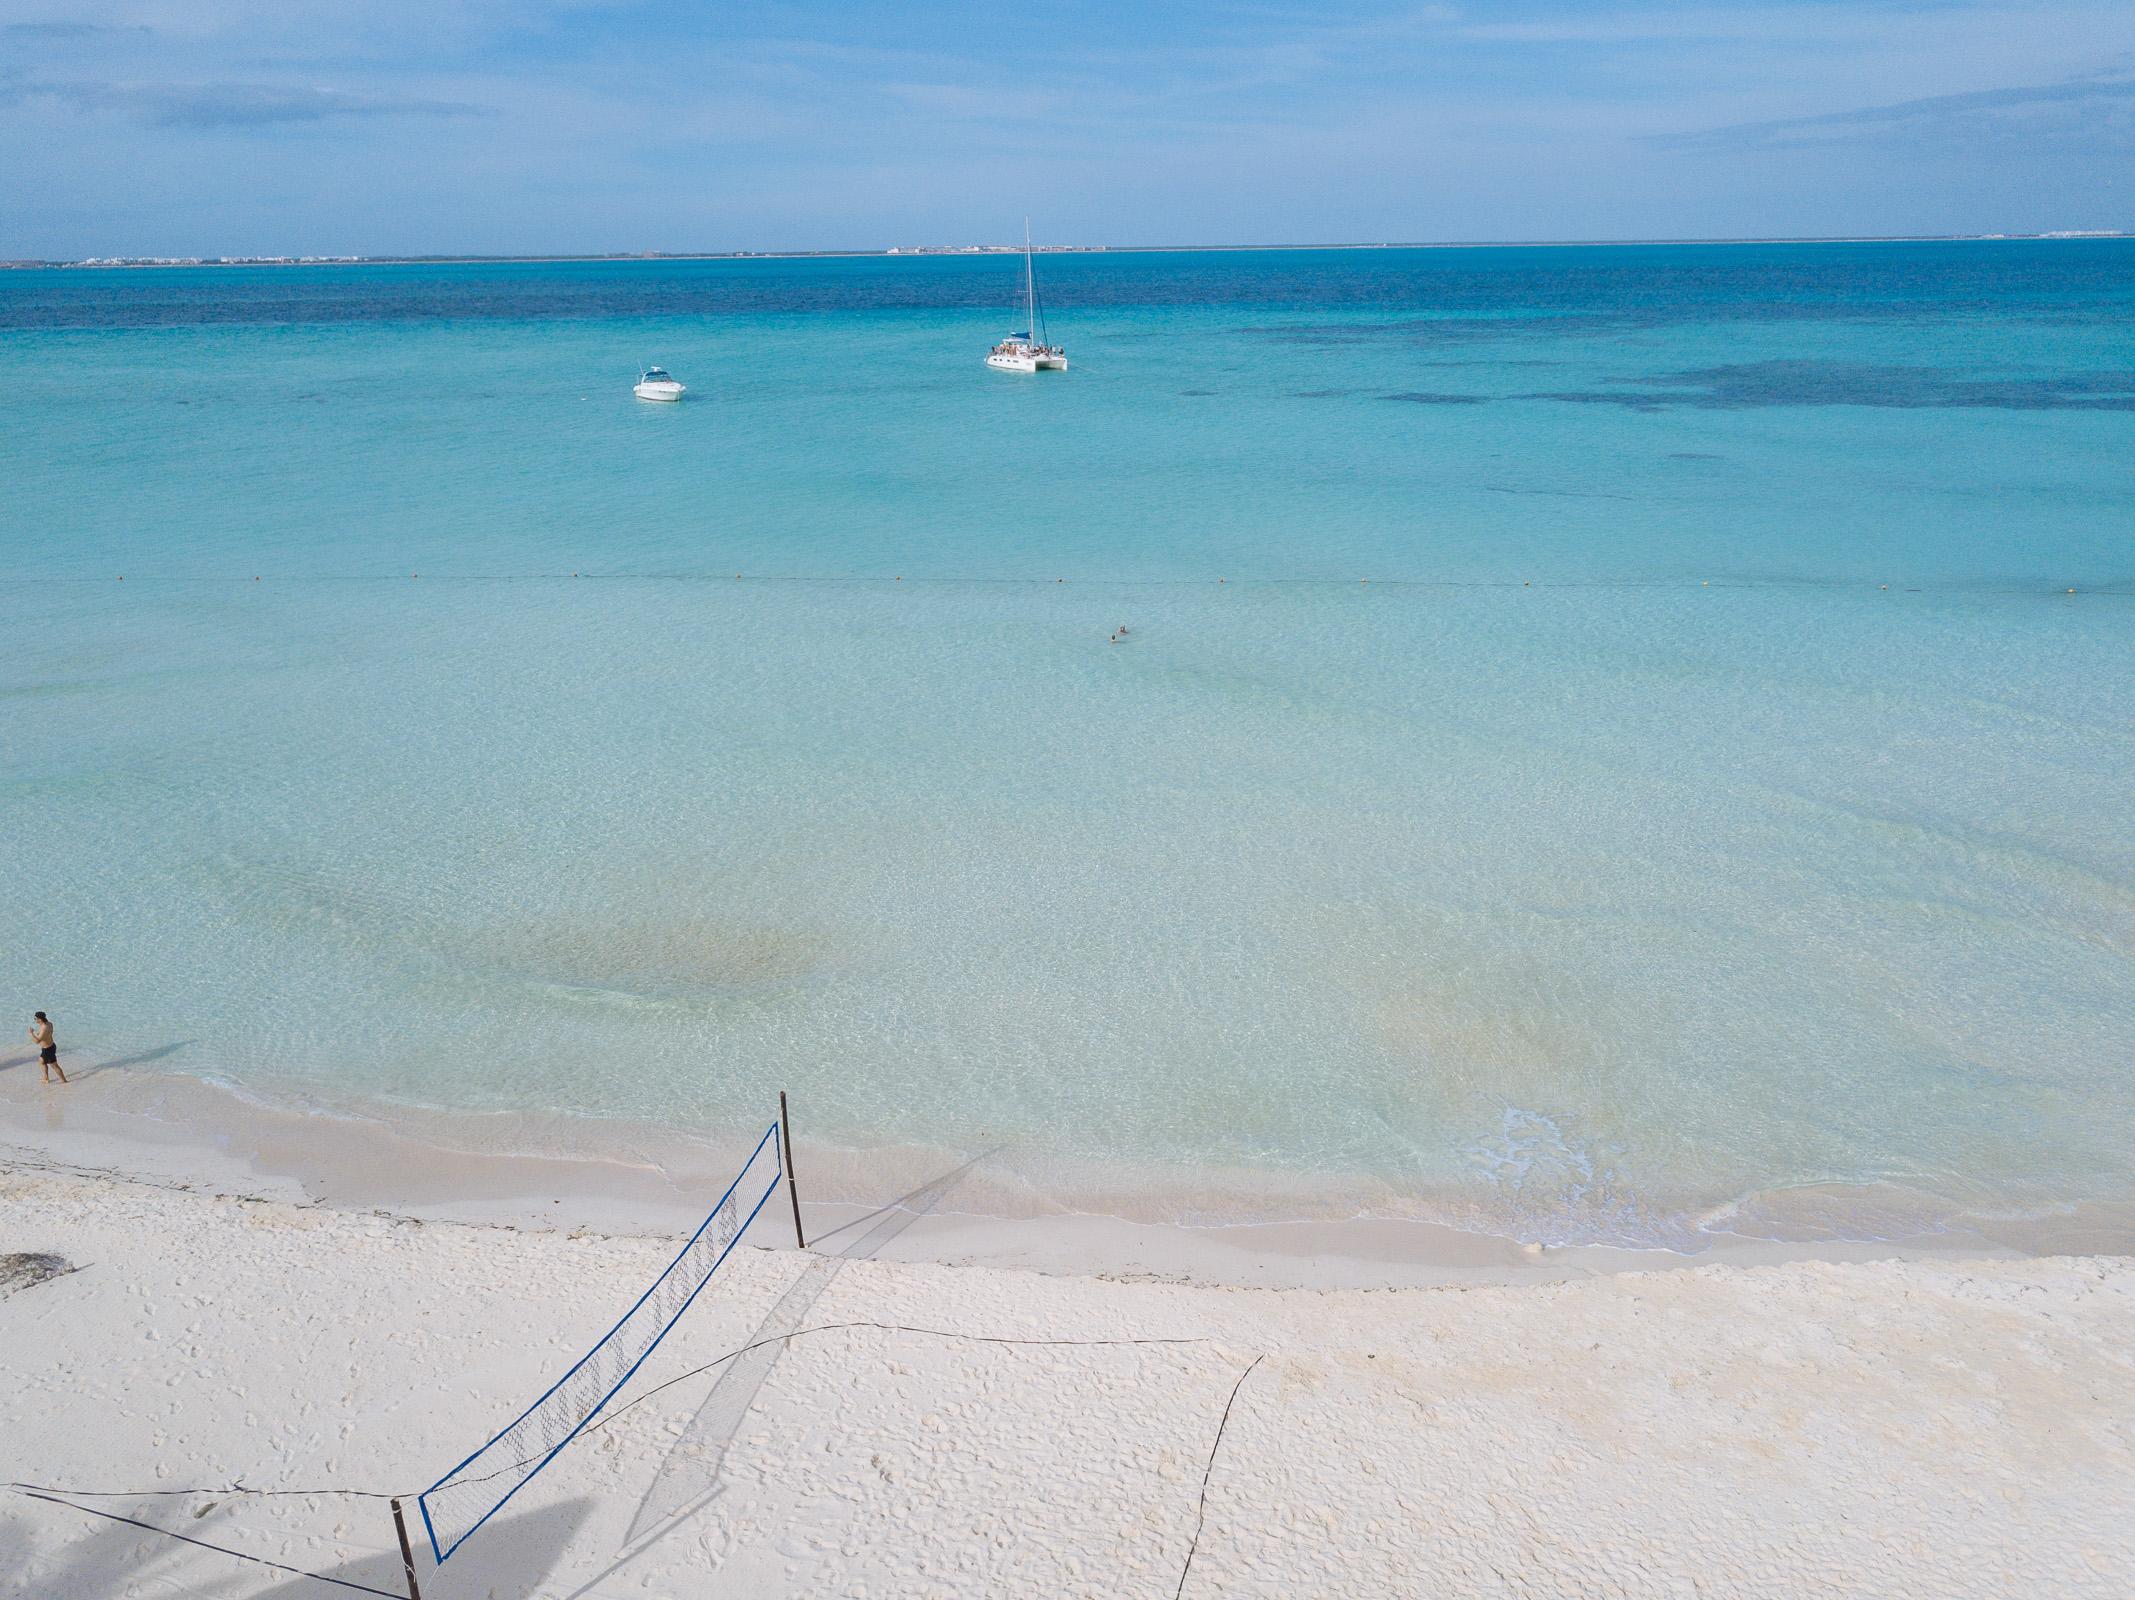 Viel karibisches Meer und zwei Boote